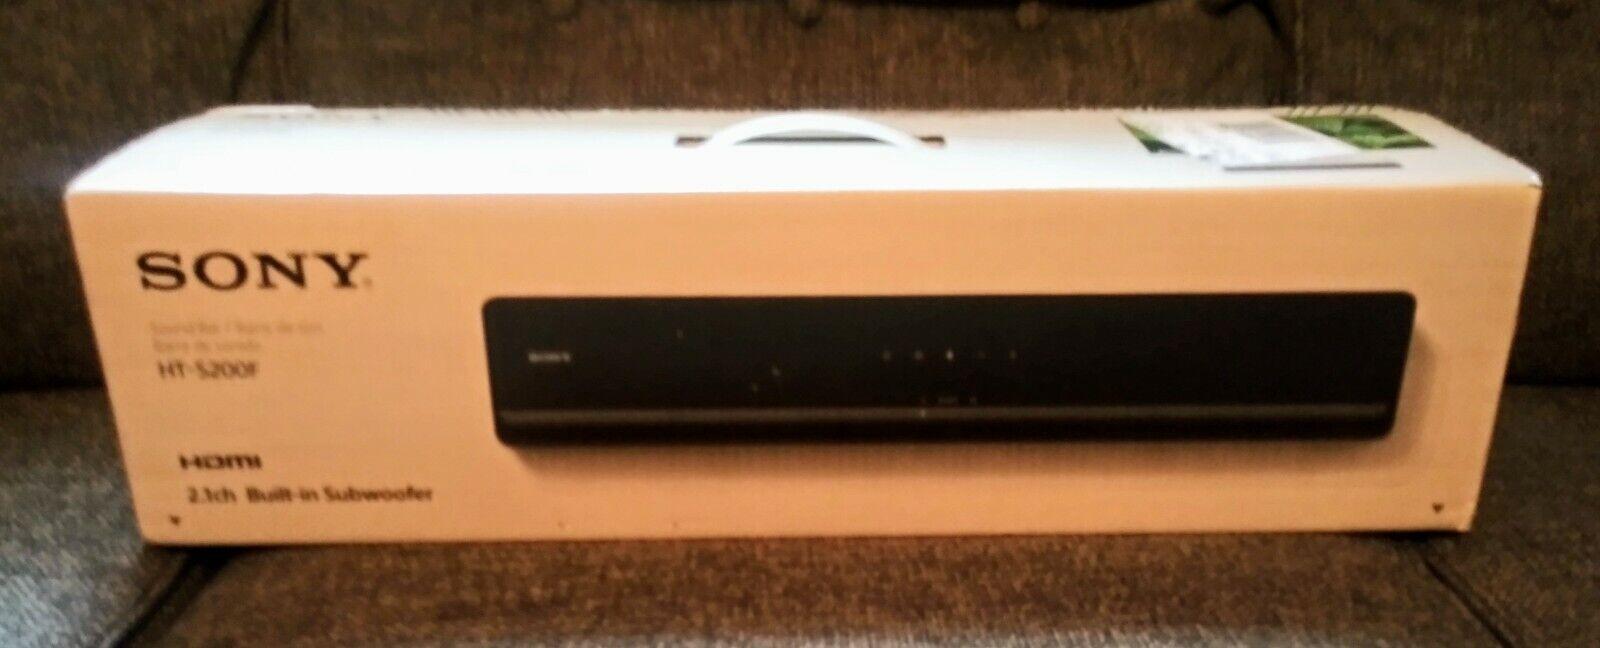 Brand New Sony 2.1-Channel Soundbar with Built-In Wireless S